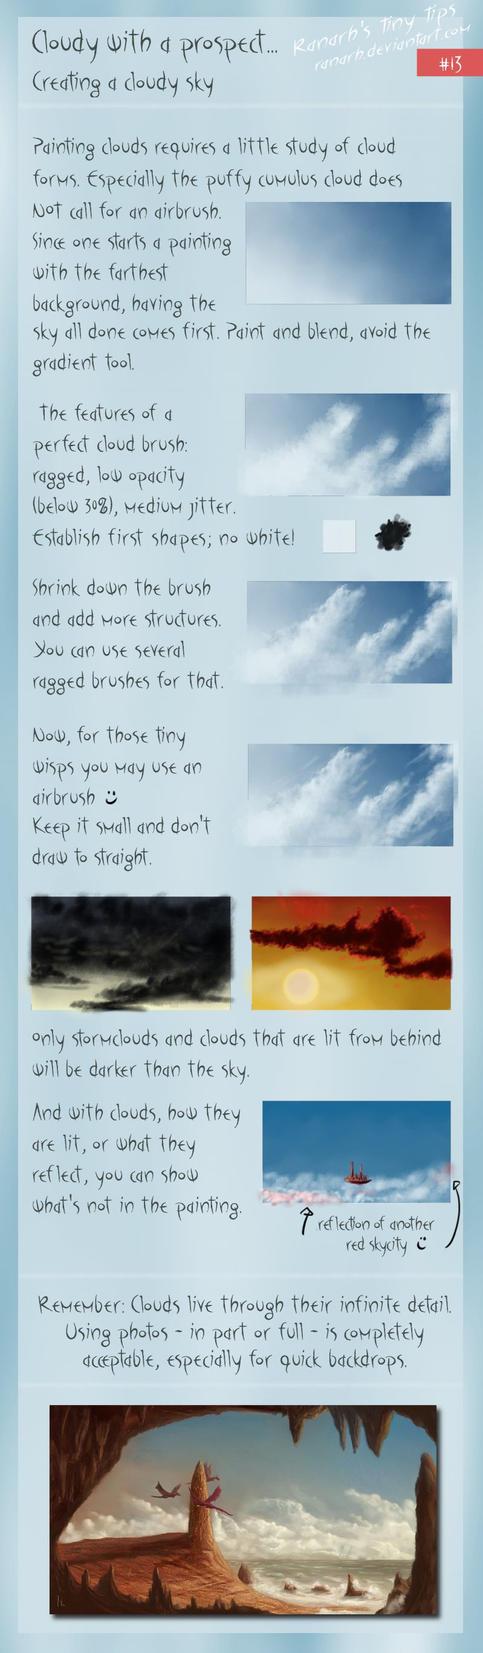 Tiny tips: Clouded by Ranarh